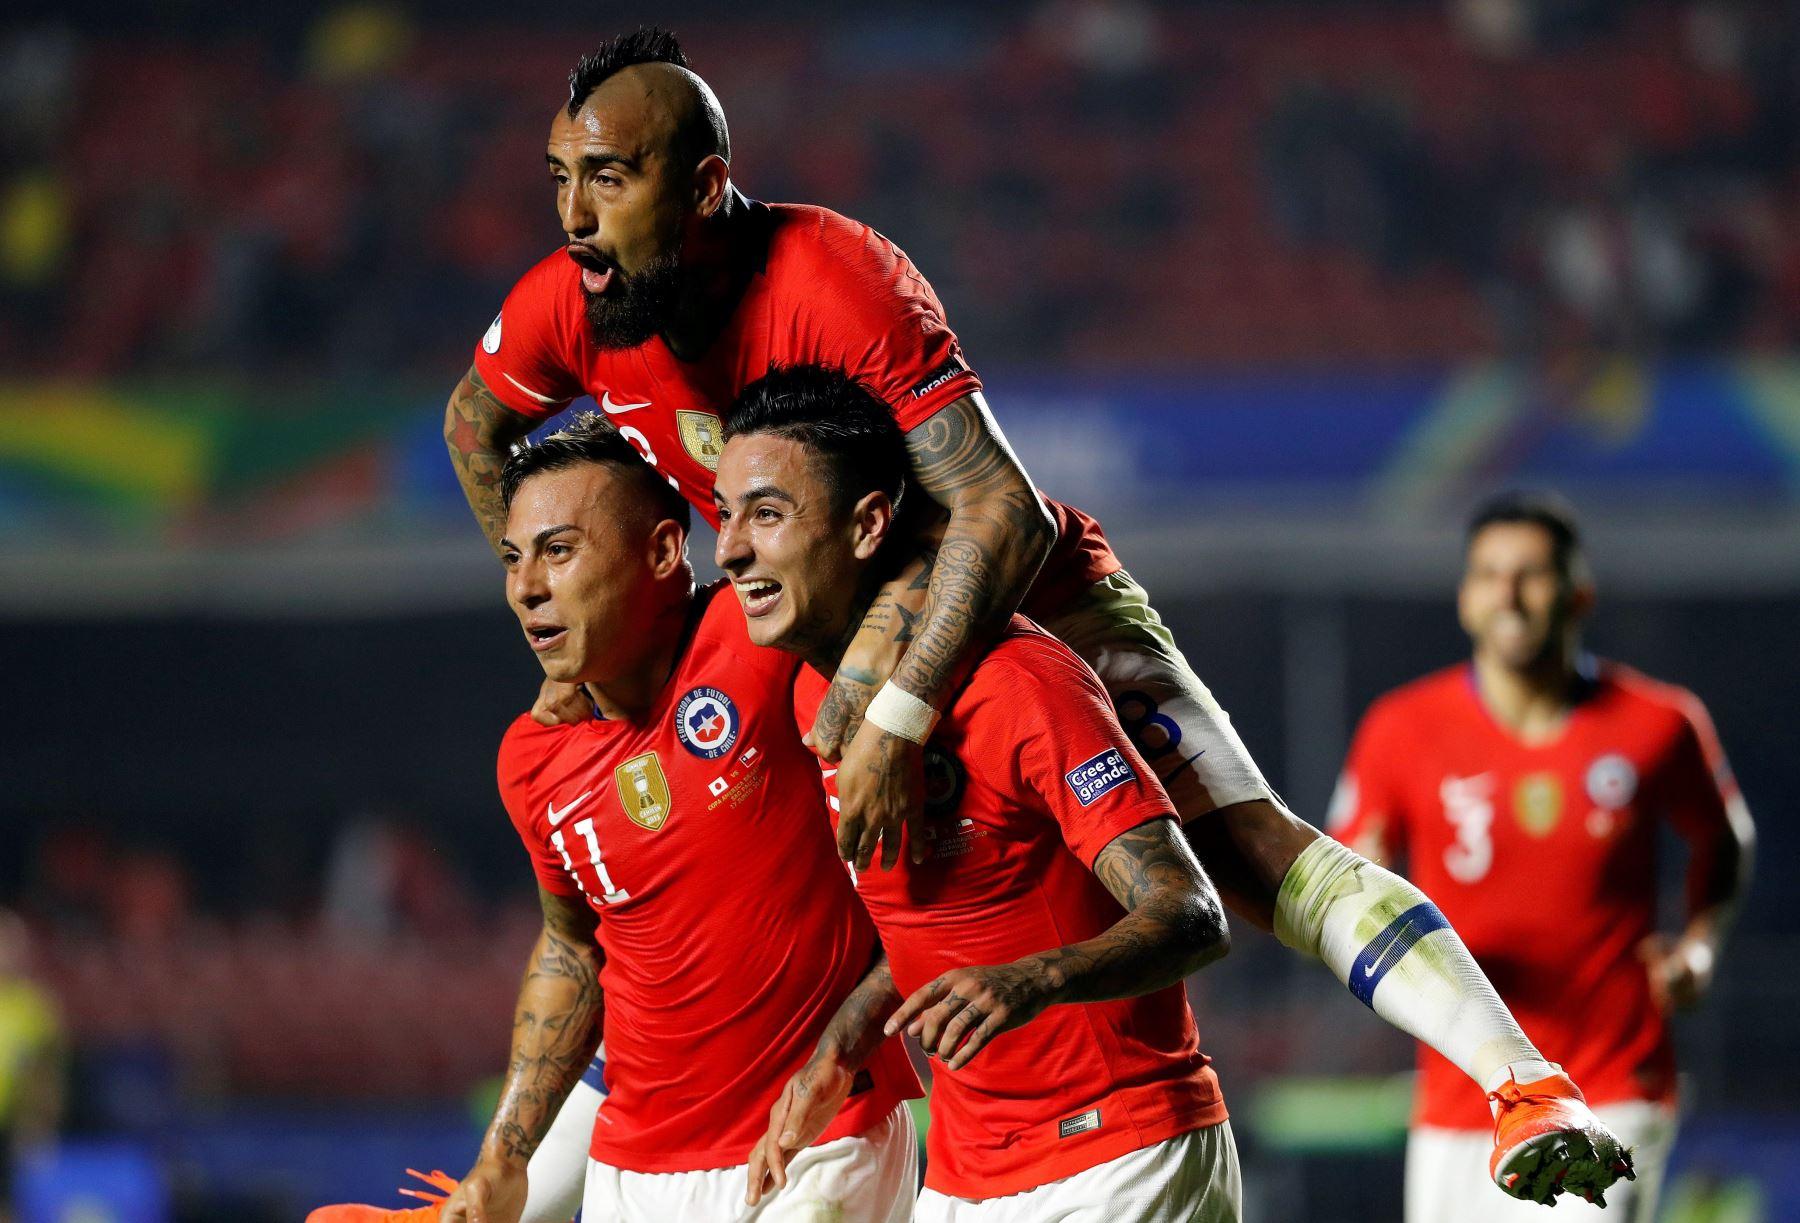 El jugador de Chile Erick Pulgar (c) celebra un gol con Eduardo Vargas y Arturo Vidal (arriba) durante el partido Japón-Chile del Grupo C de la Copa América de Fútbol 2019. Foto: EFE